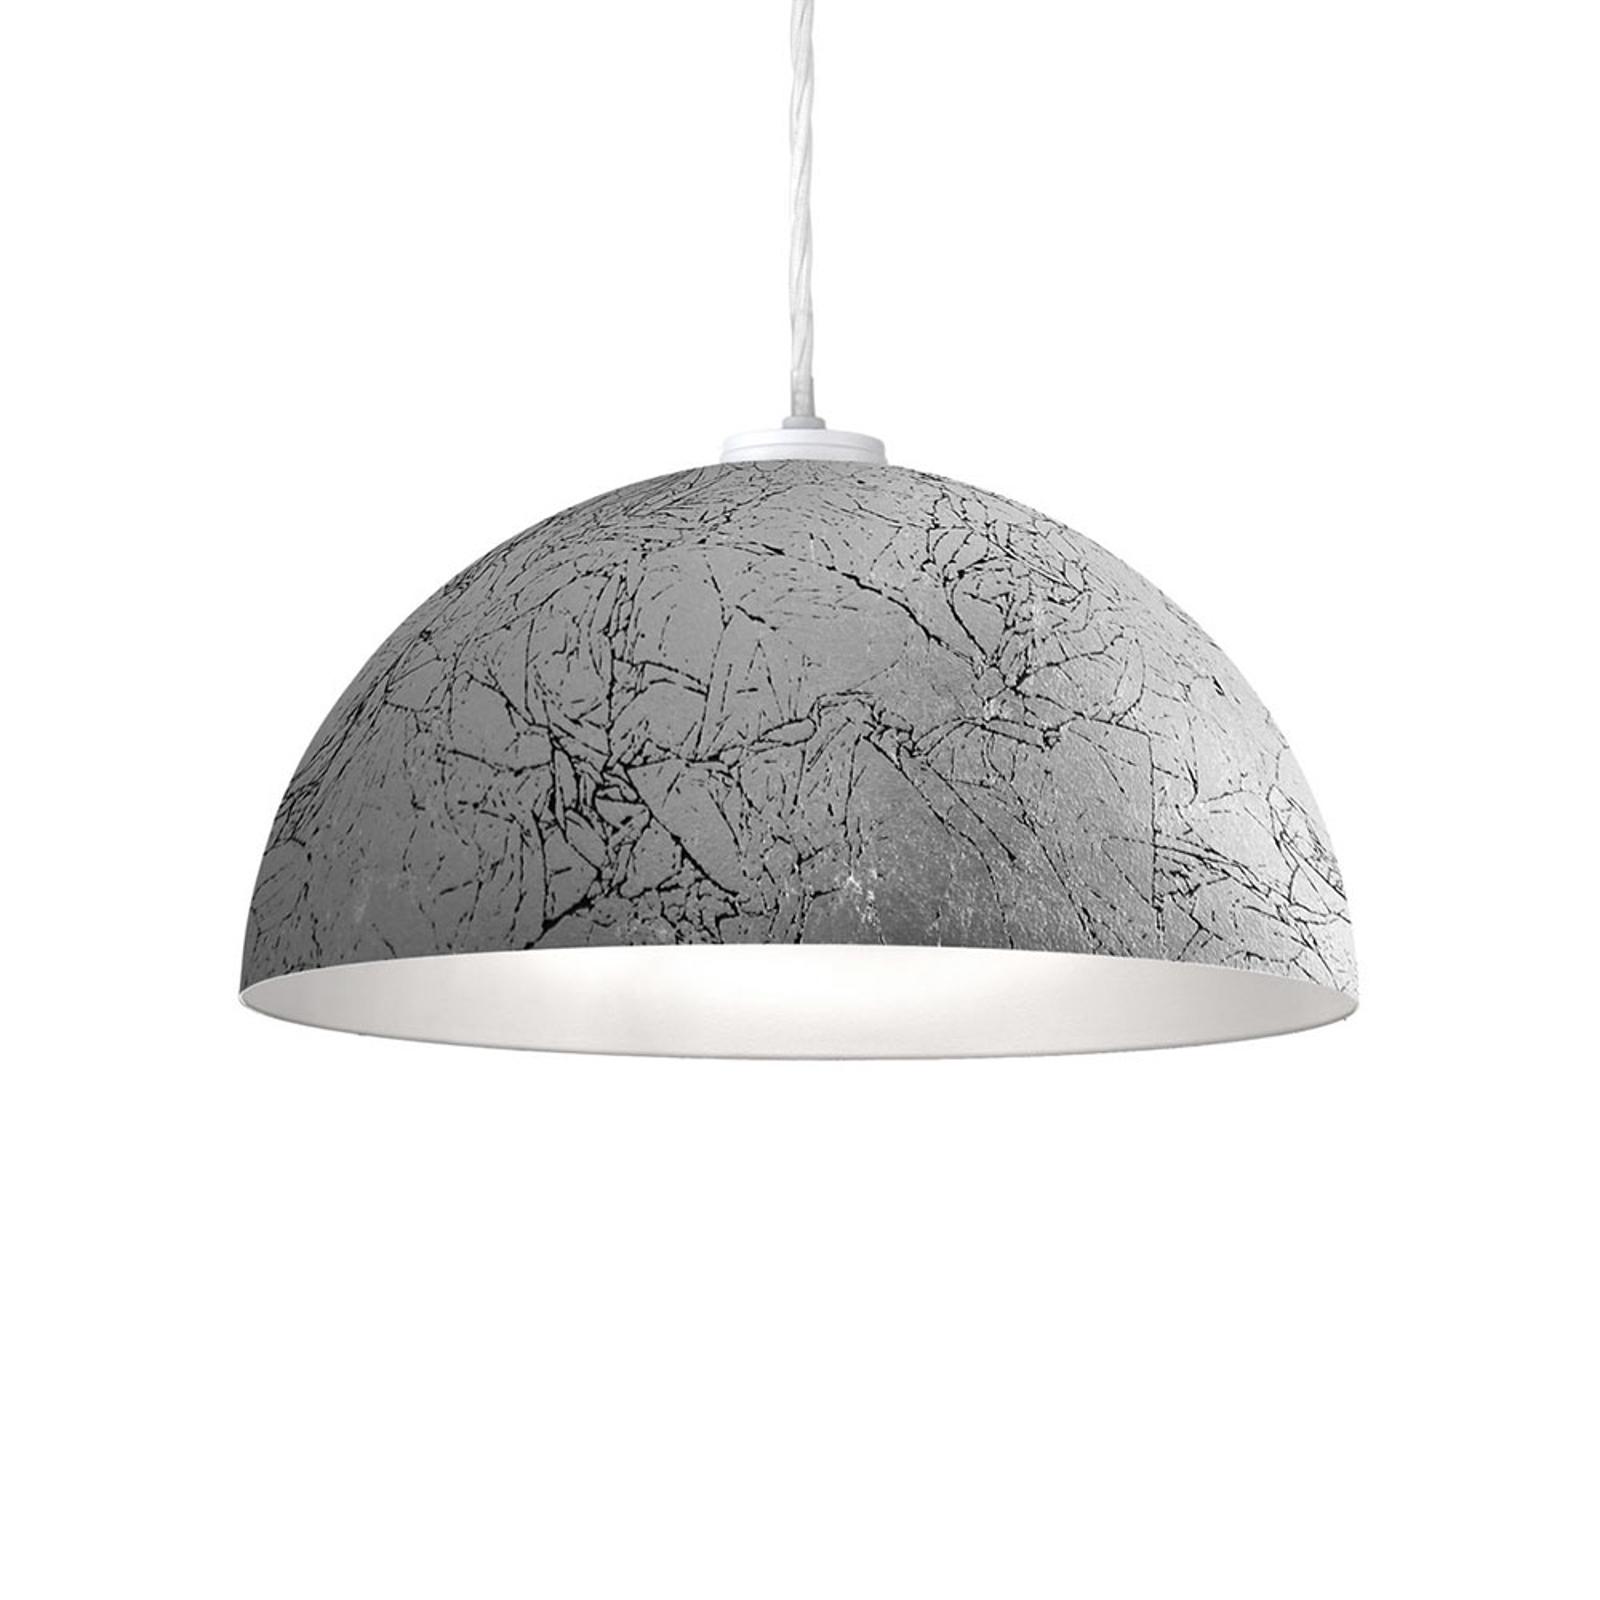 Nástěnné světlo Cult Vintage, stříbro, Ø 40 cm